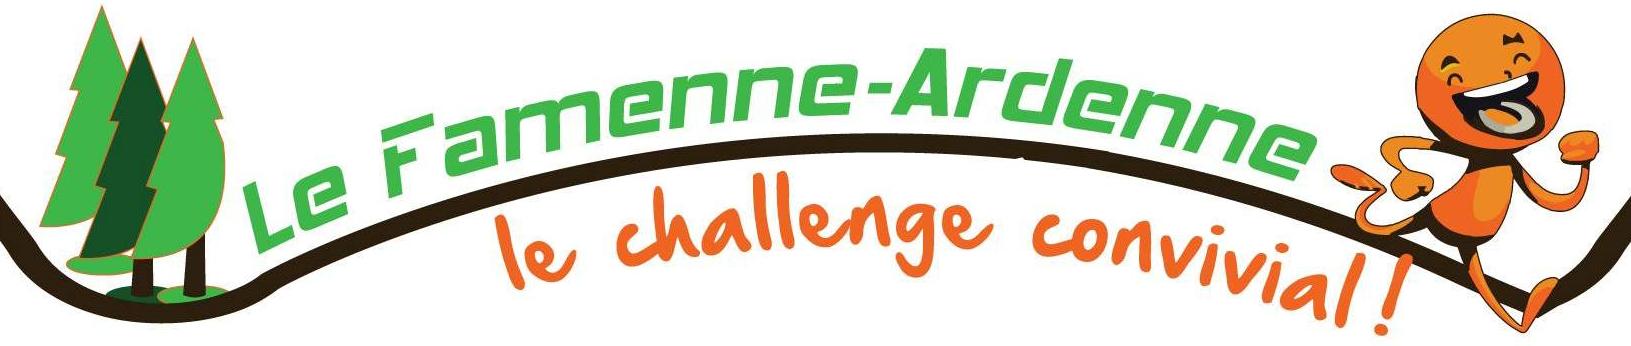 Challenge Famenne-Ardenne